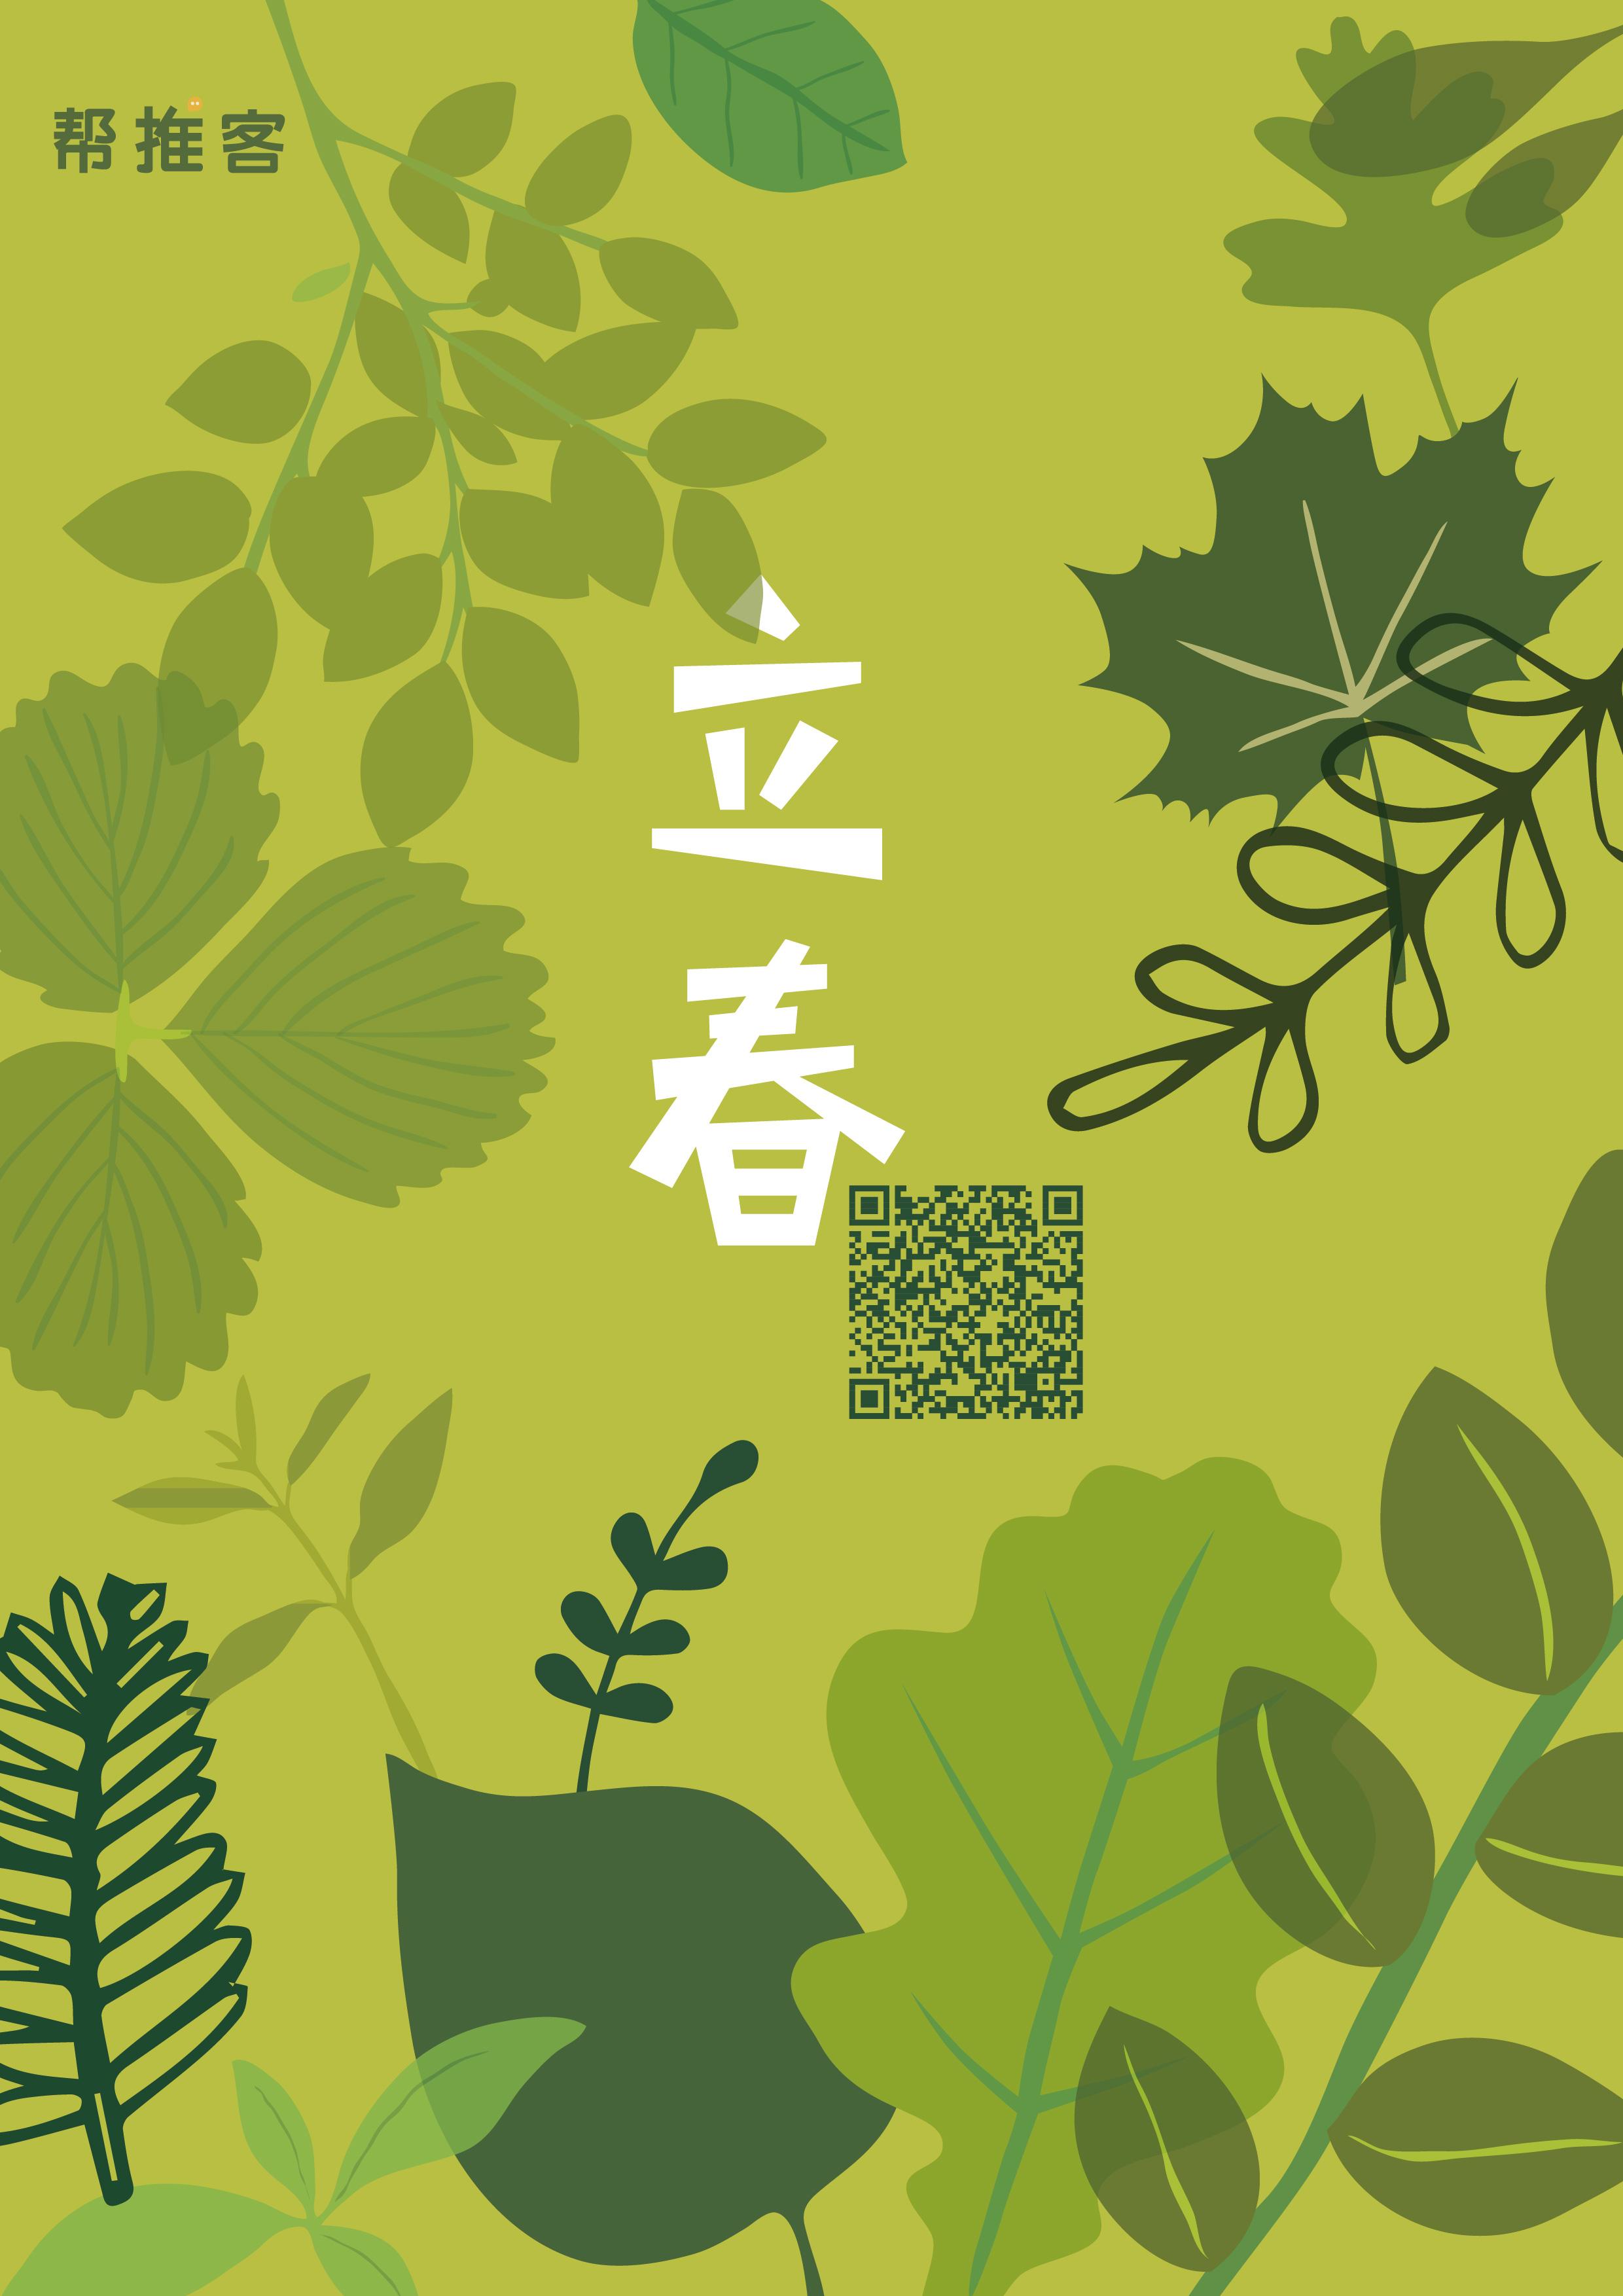 海报设计|平面|海报|然然子 - 原创作品 - 站酷图片